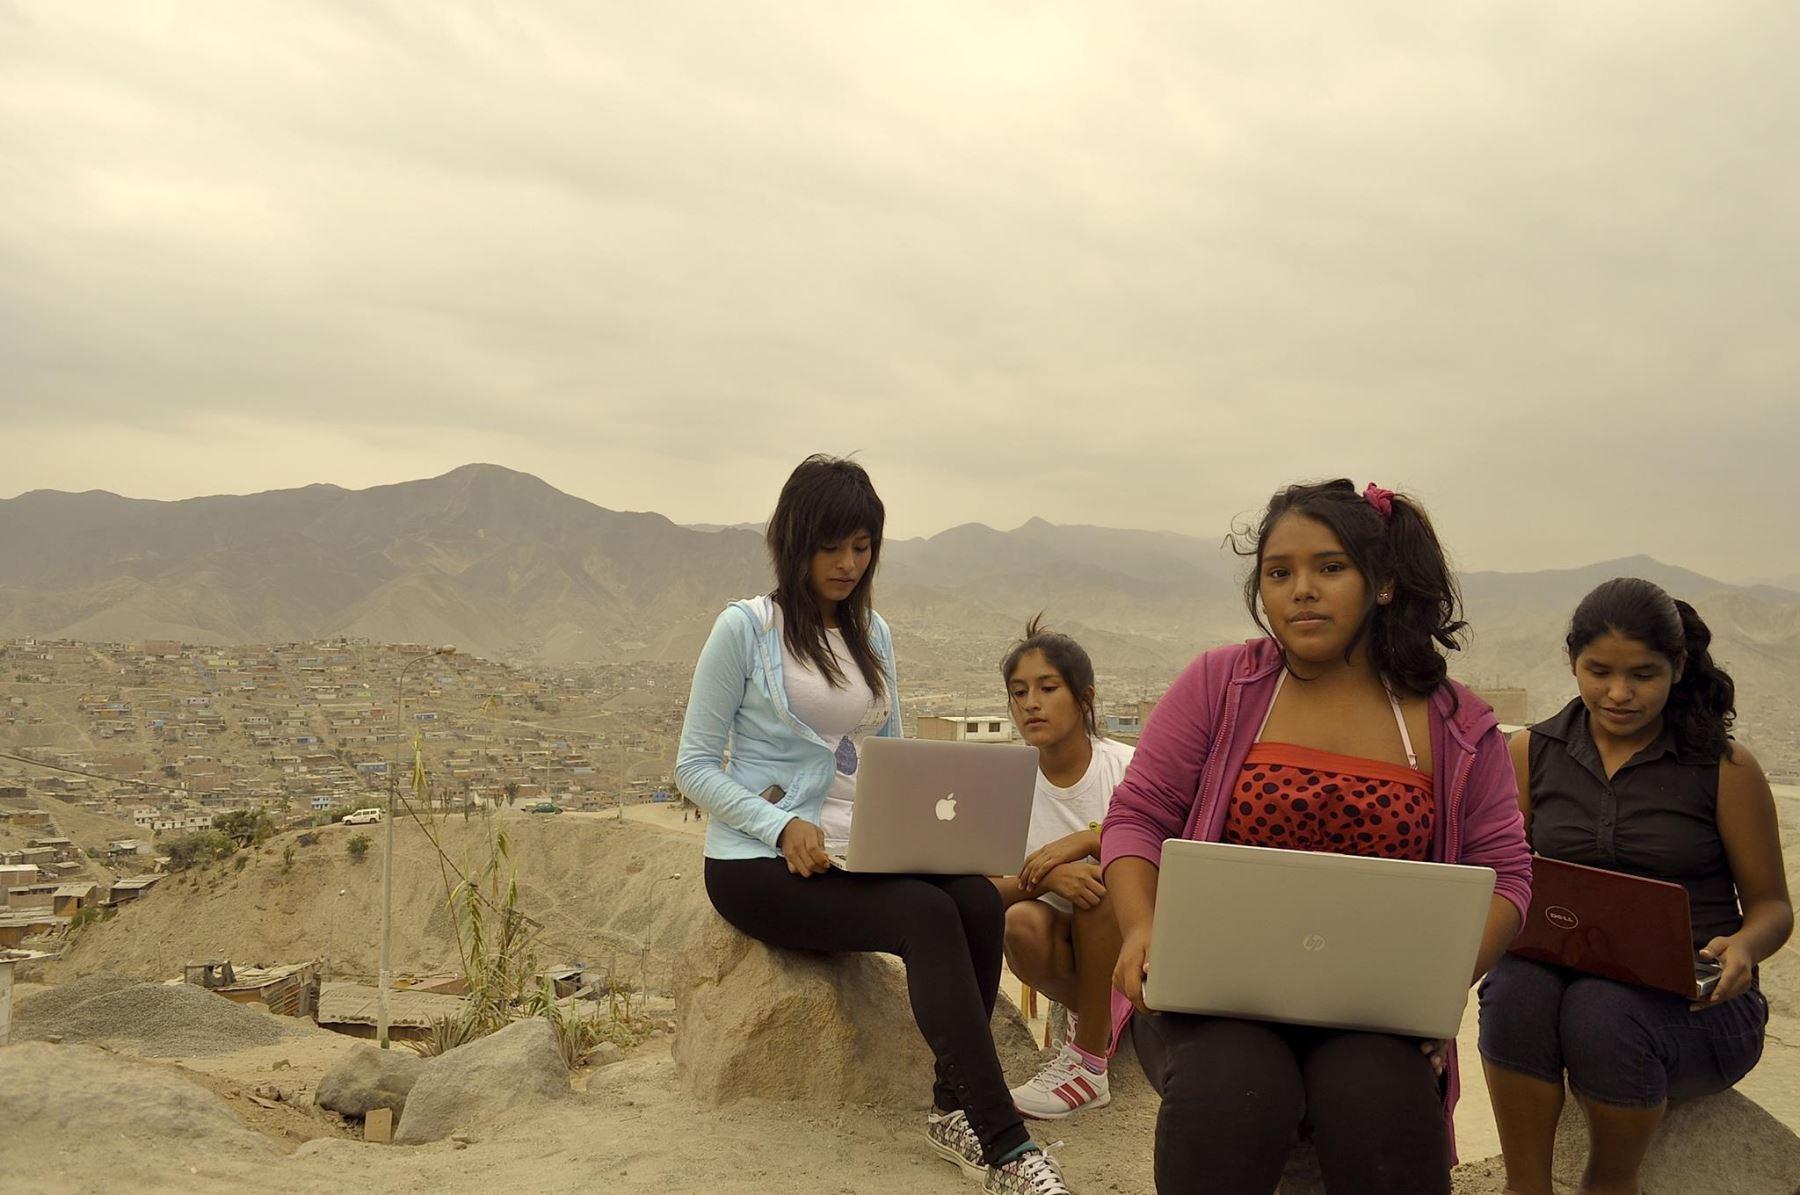 La película seguirá el proceso de formación en programación de peruanas.